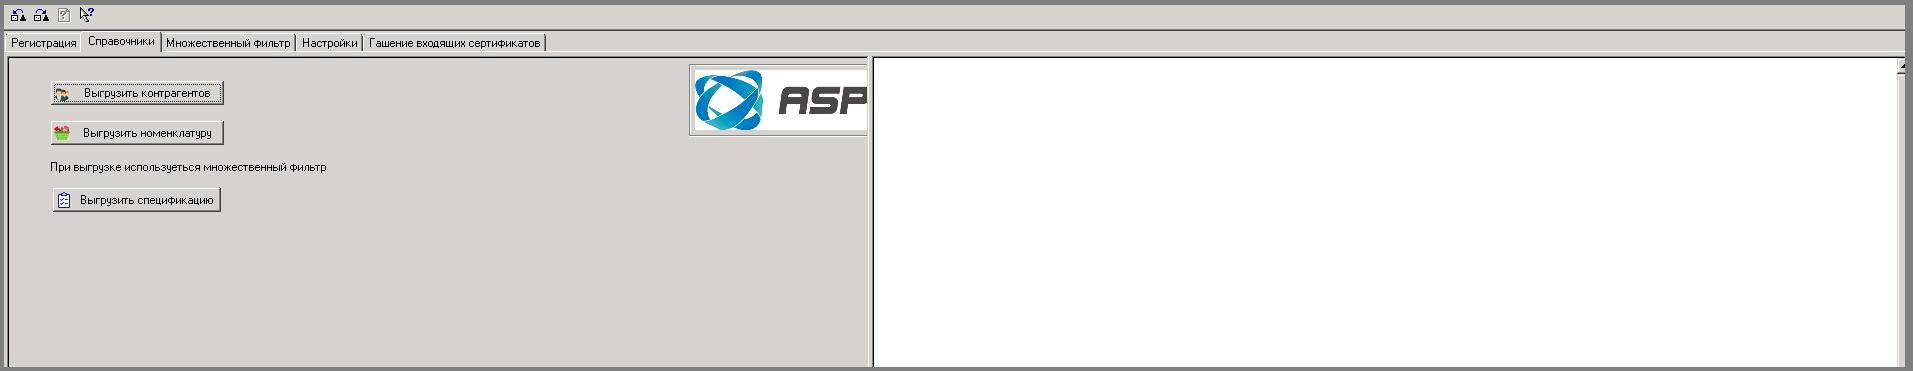 2. Пример раздела 'Справочники' (выгрузка справочников необходима для начала работы в интеграции шлюз)